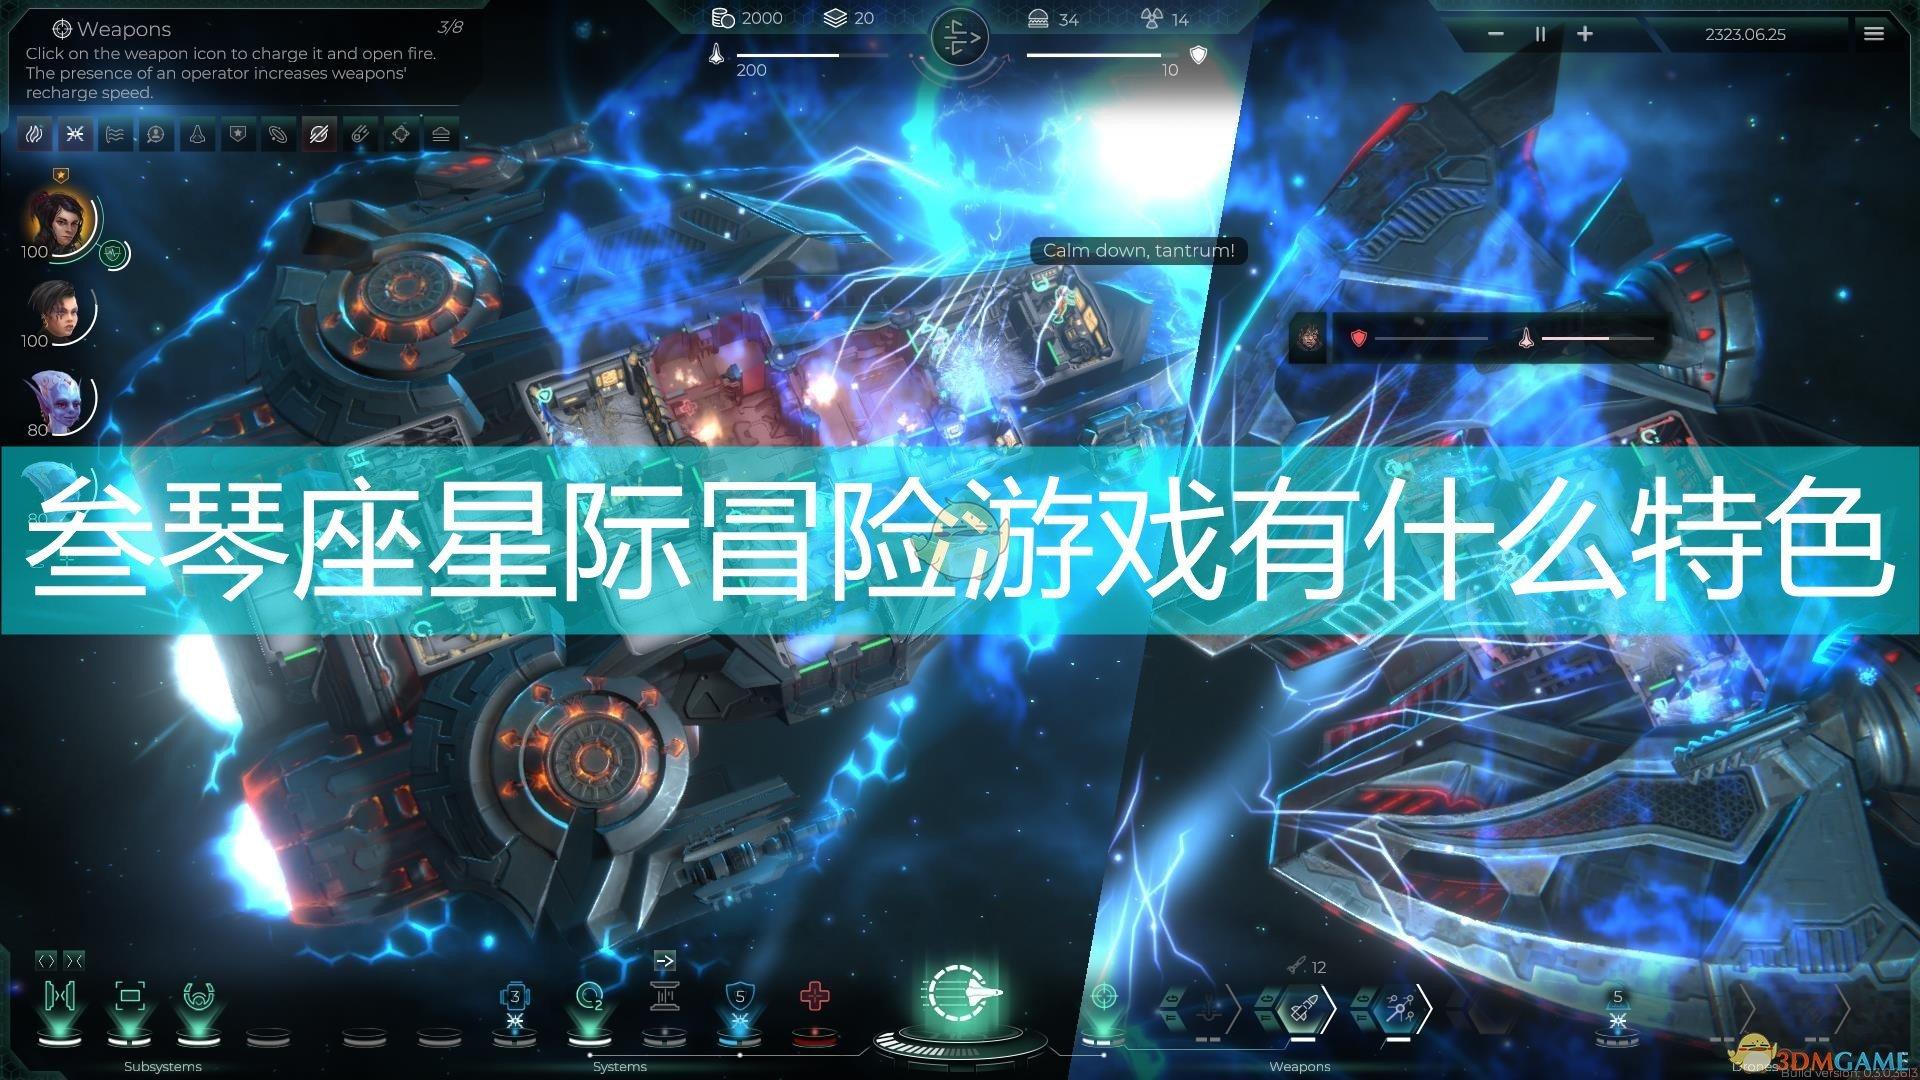 《叁琴座:星际冒险》游戏特色内容一览